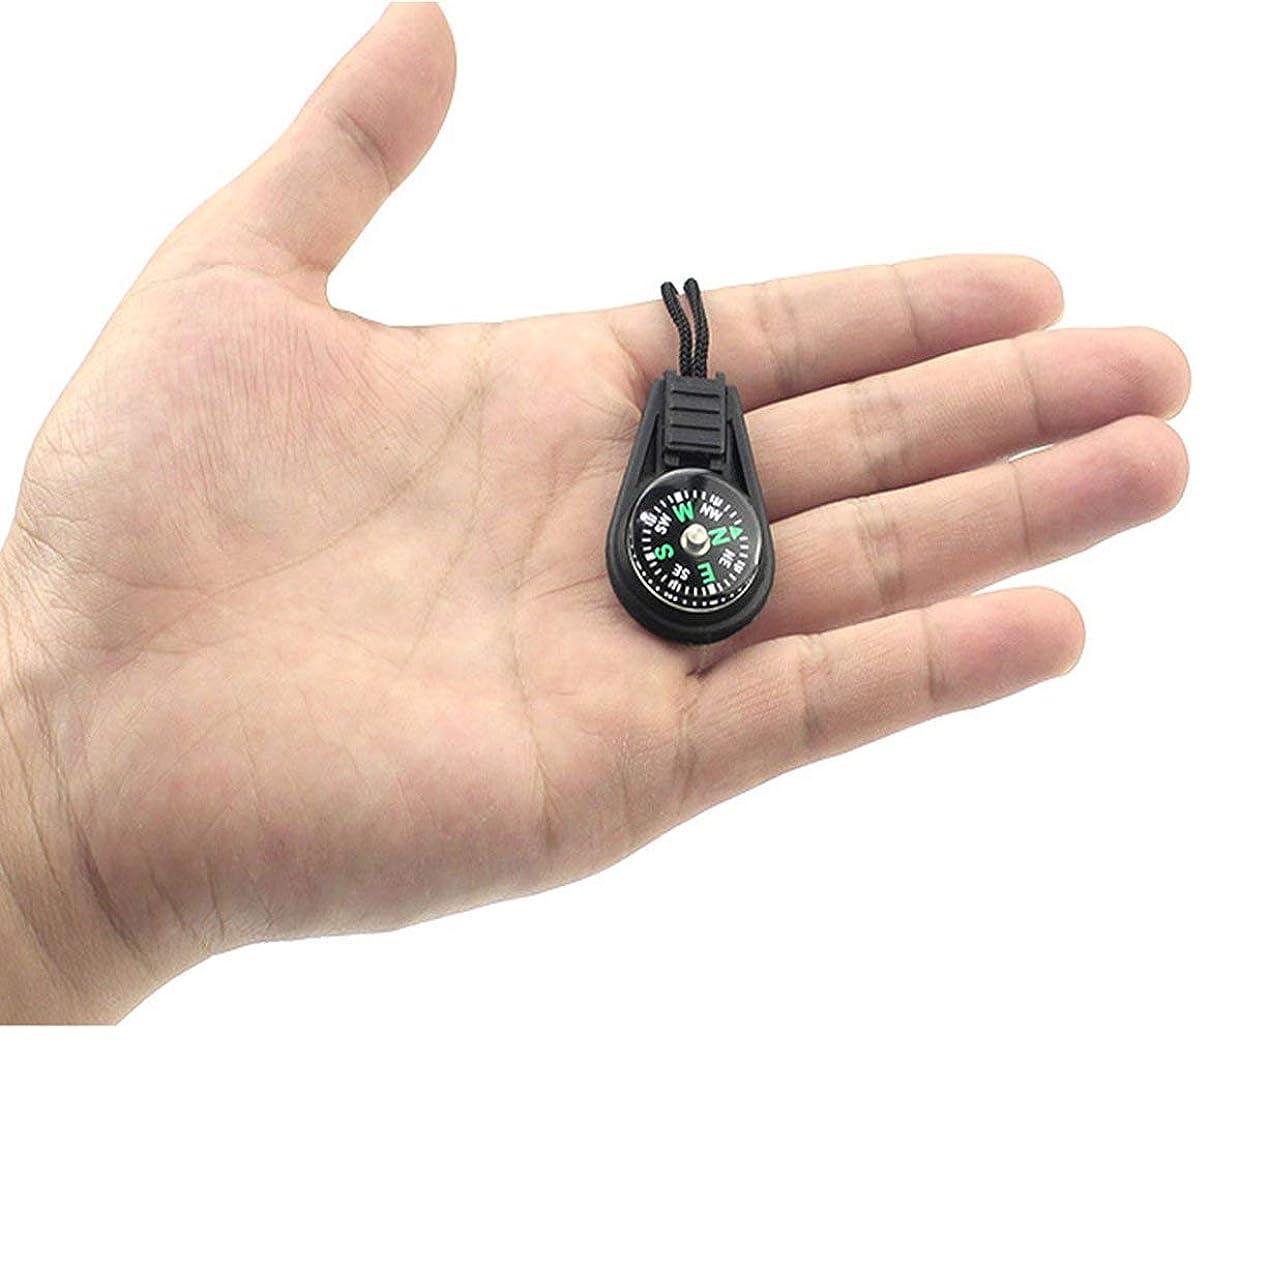 つかむ限られた保存するロープペンダント付き小型コンパスミニコンパスコンパス-ブラック